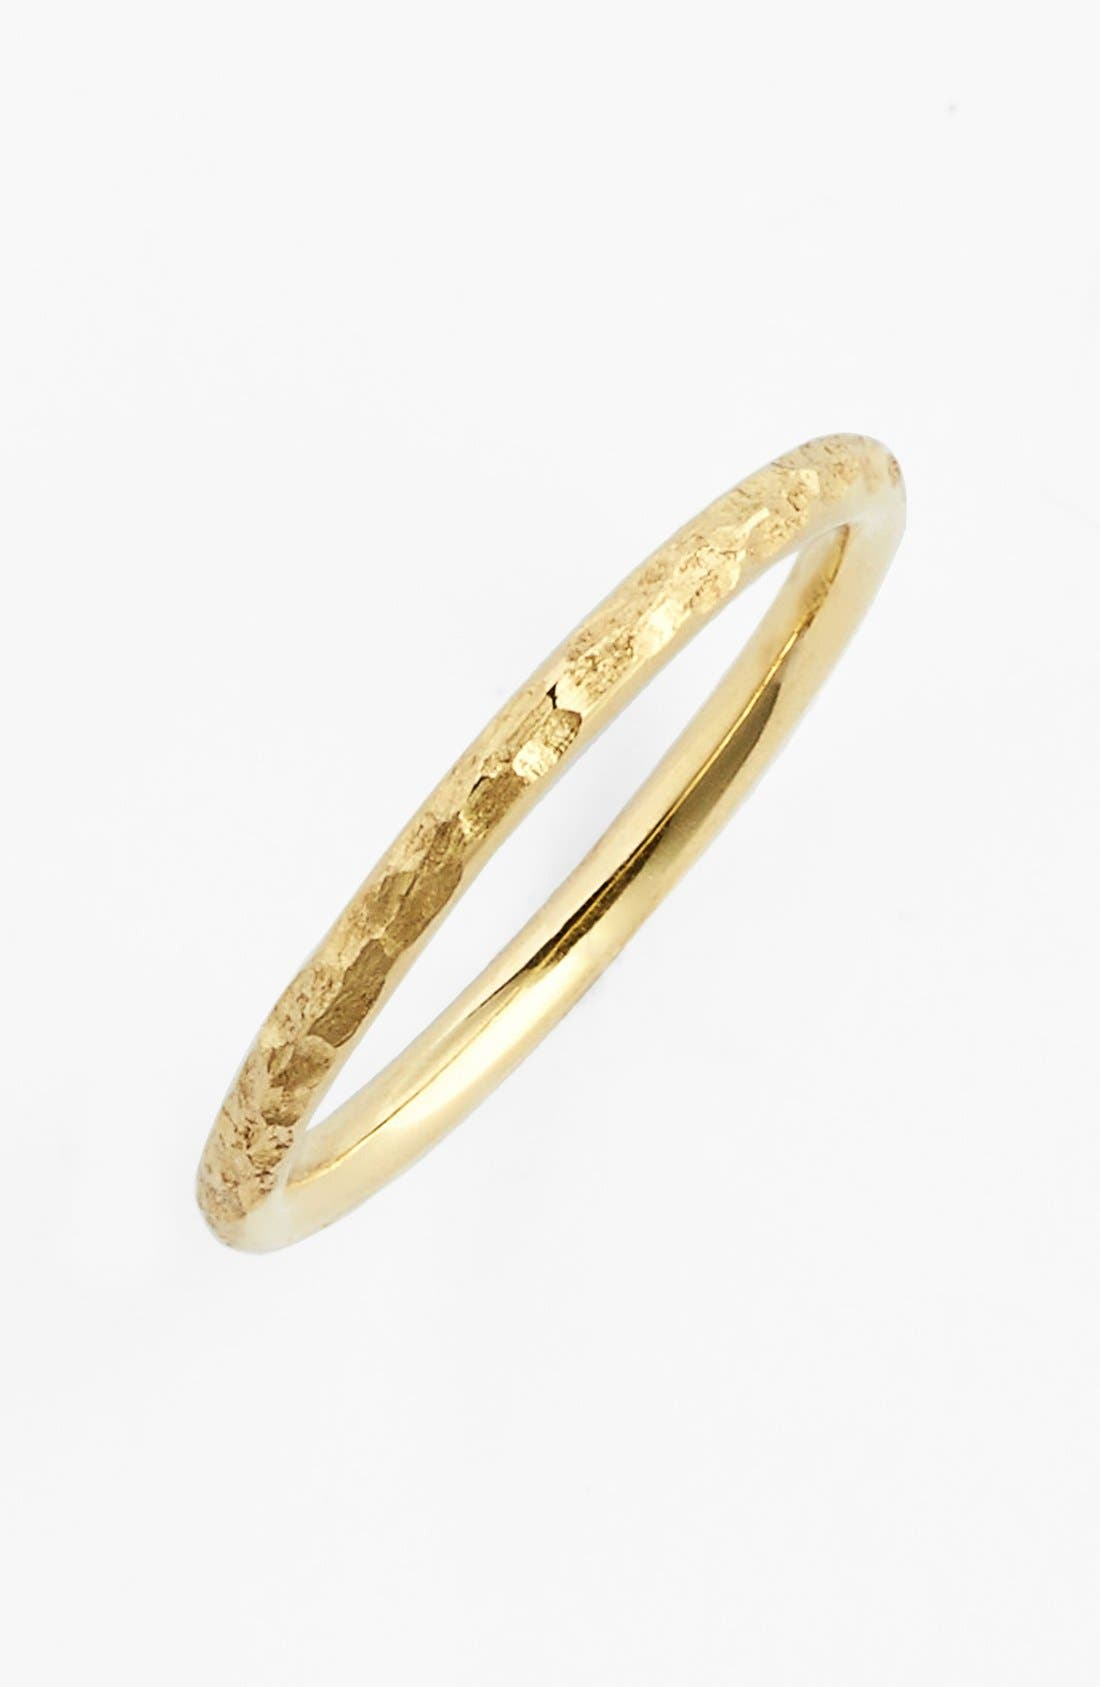 Hammered 14k Gold Midi Ring,                             Main thumbnail 1, color,                             Yellow Gold